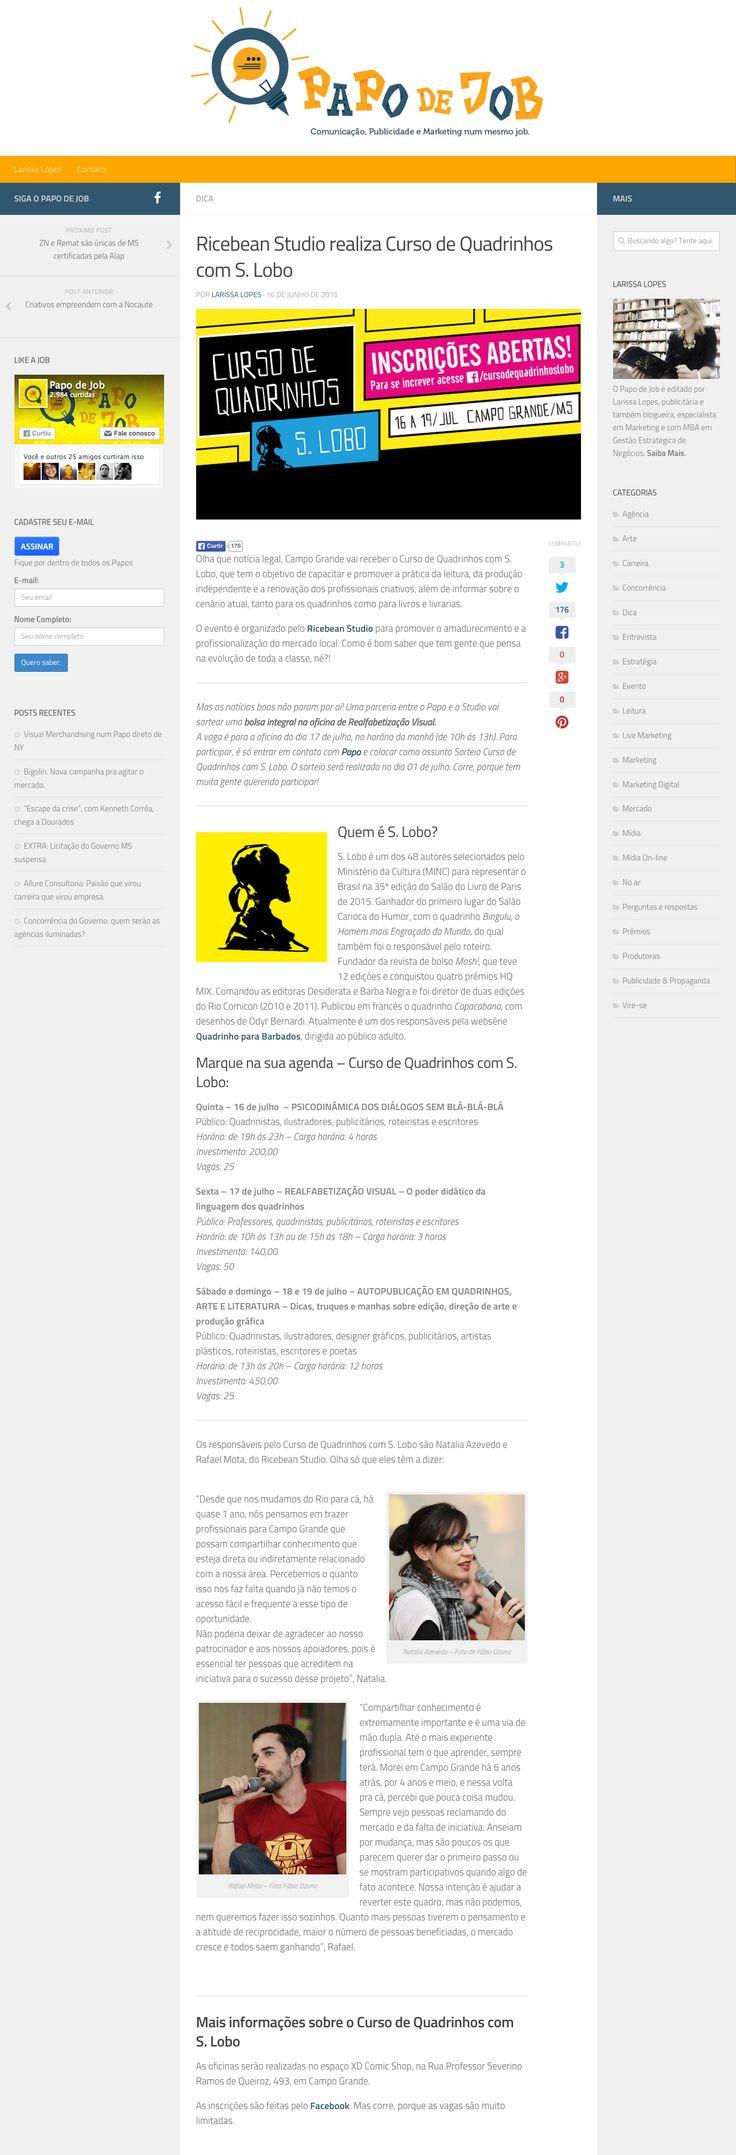 Matéria sobre o Curso de Quadrinhos com S. Lobo em Campo Grande/MS, no Blog Papo de Job http://papodejob.com.br/ricebean-studio-realiza-curso-de-quadrinhos-com-s-lobo/